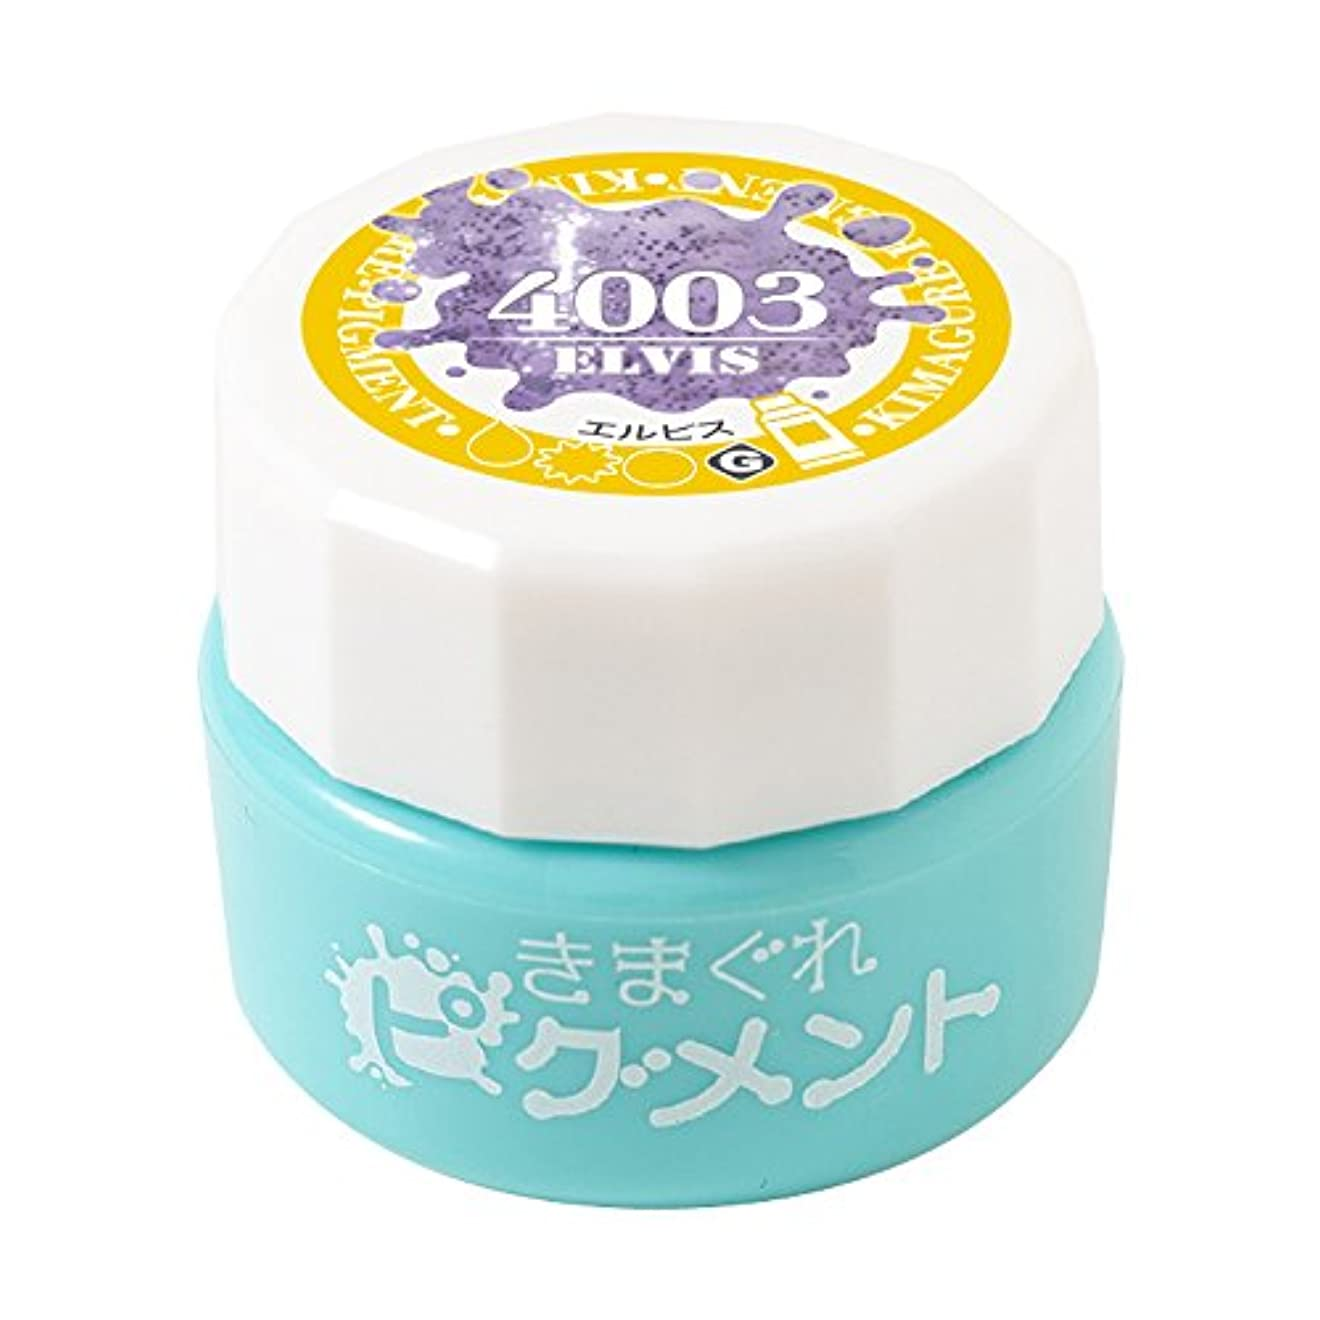 忘れるペルメルアレルギー性Bettygel きまぐれピグメント エルビス QYJ-4003 4g UV/LED対応